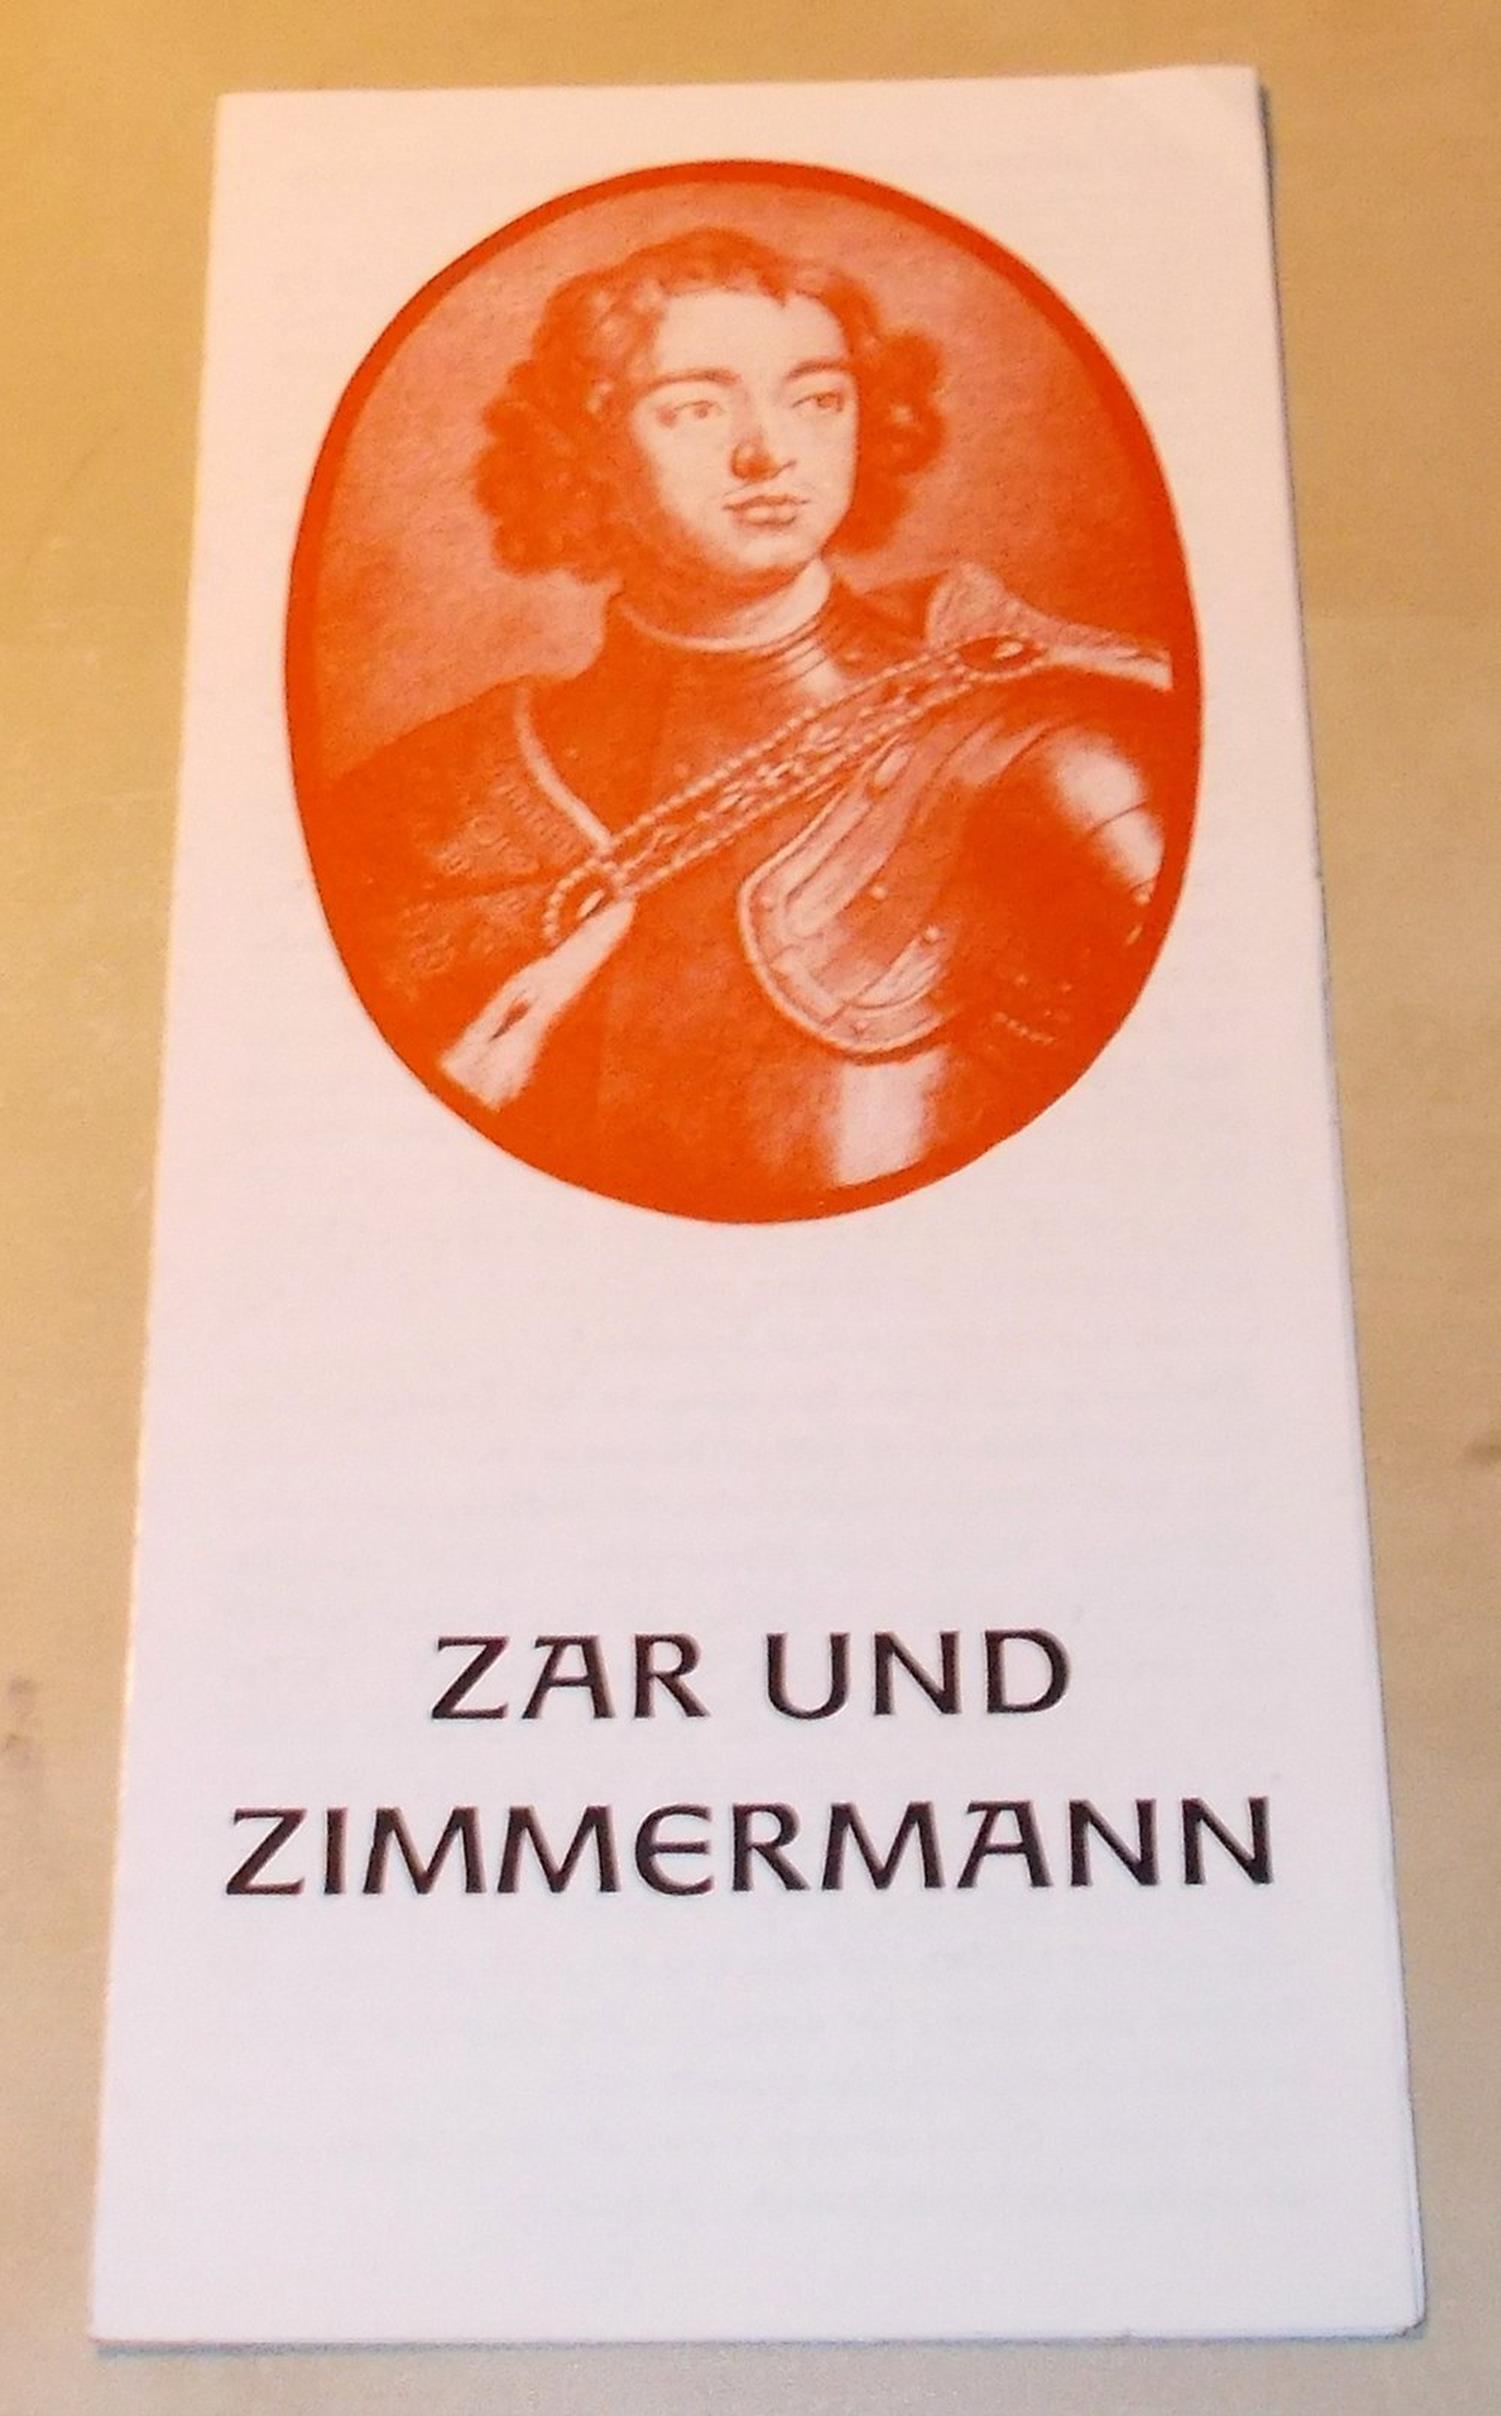 Programmheft ZAR UND ZIMMERMANN. Stadttheater Freiberg, 1979